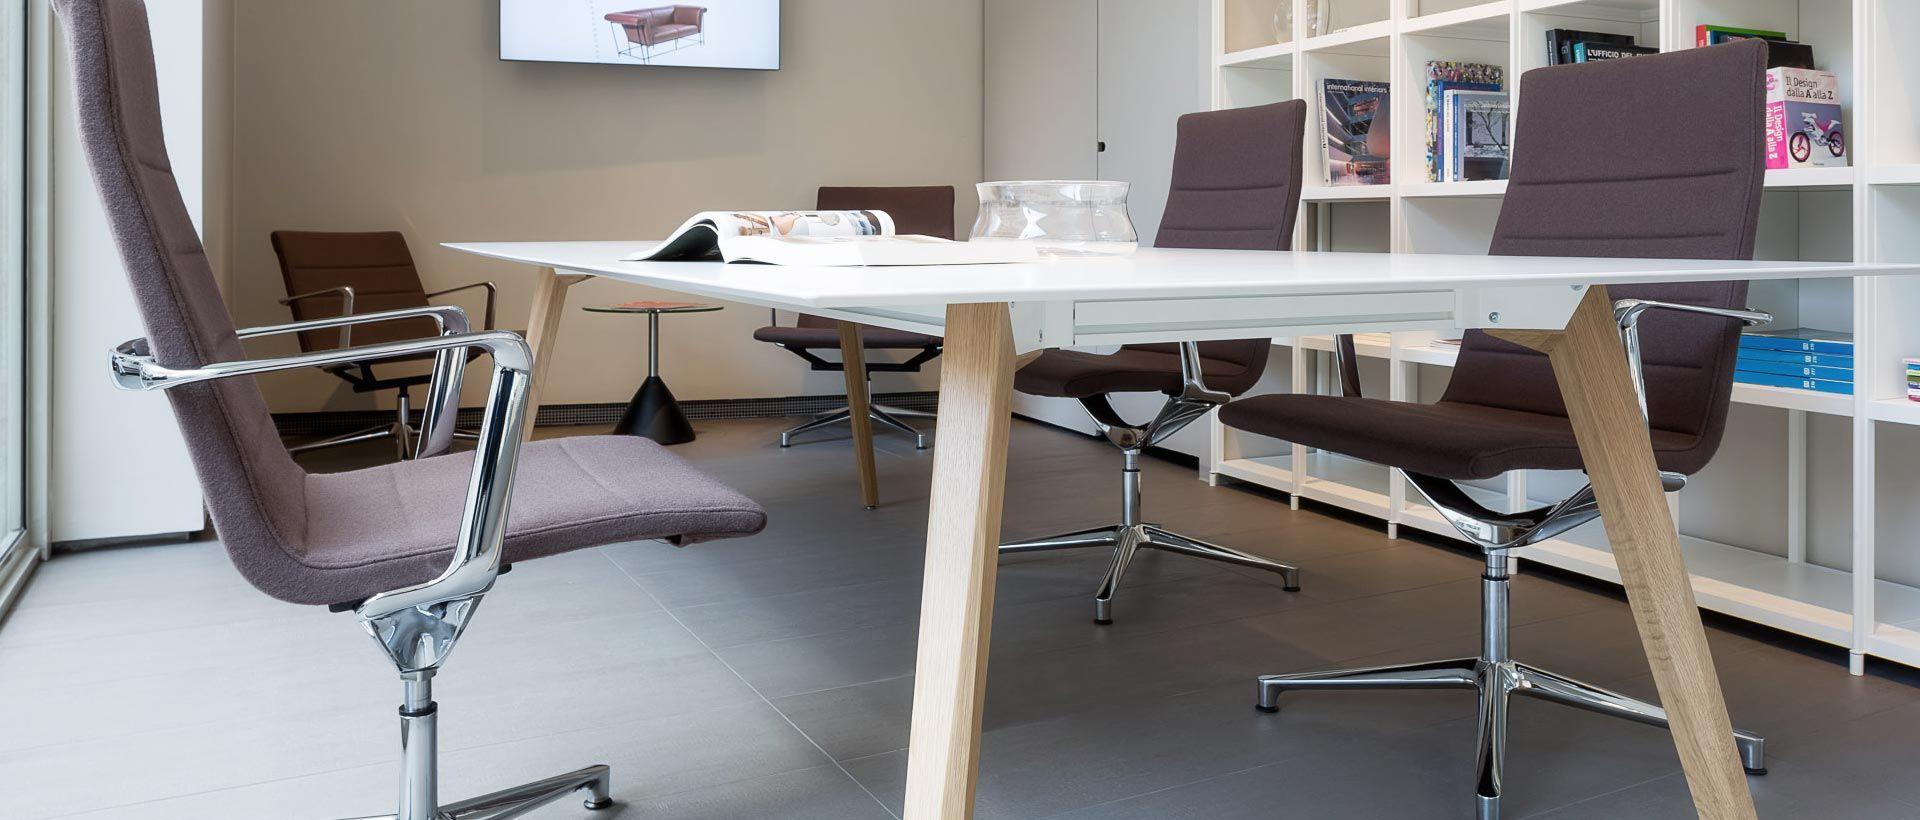 La scelta pi vasta di sedie ufficio a roma contact for Sedie ufficio design